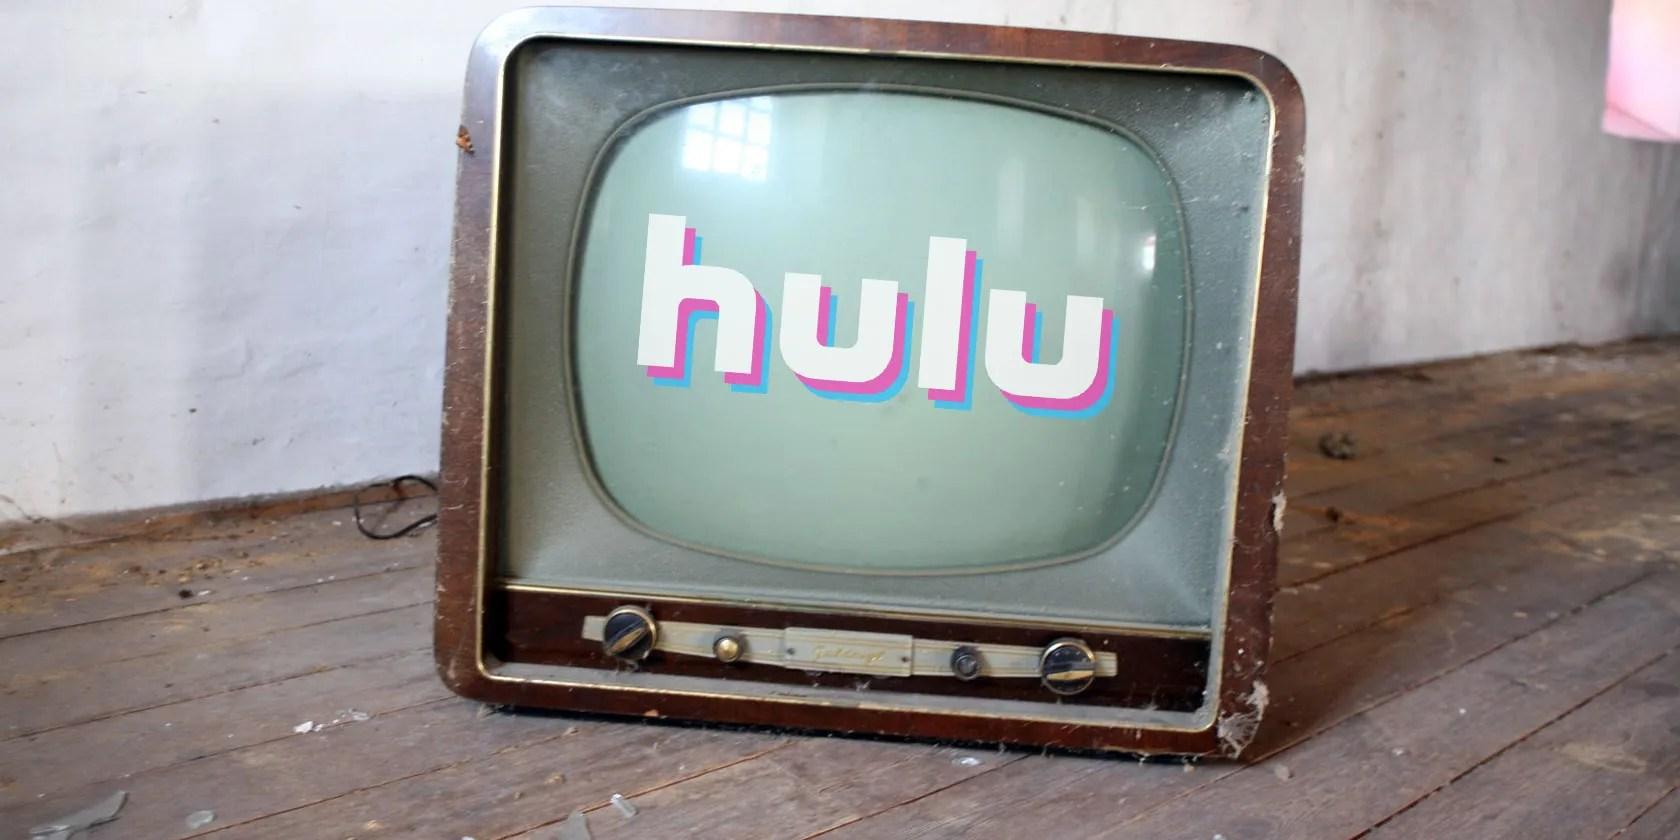 90s-sitcom-Hulu